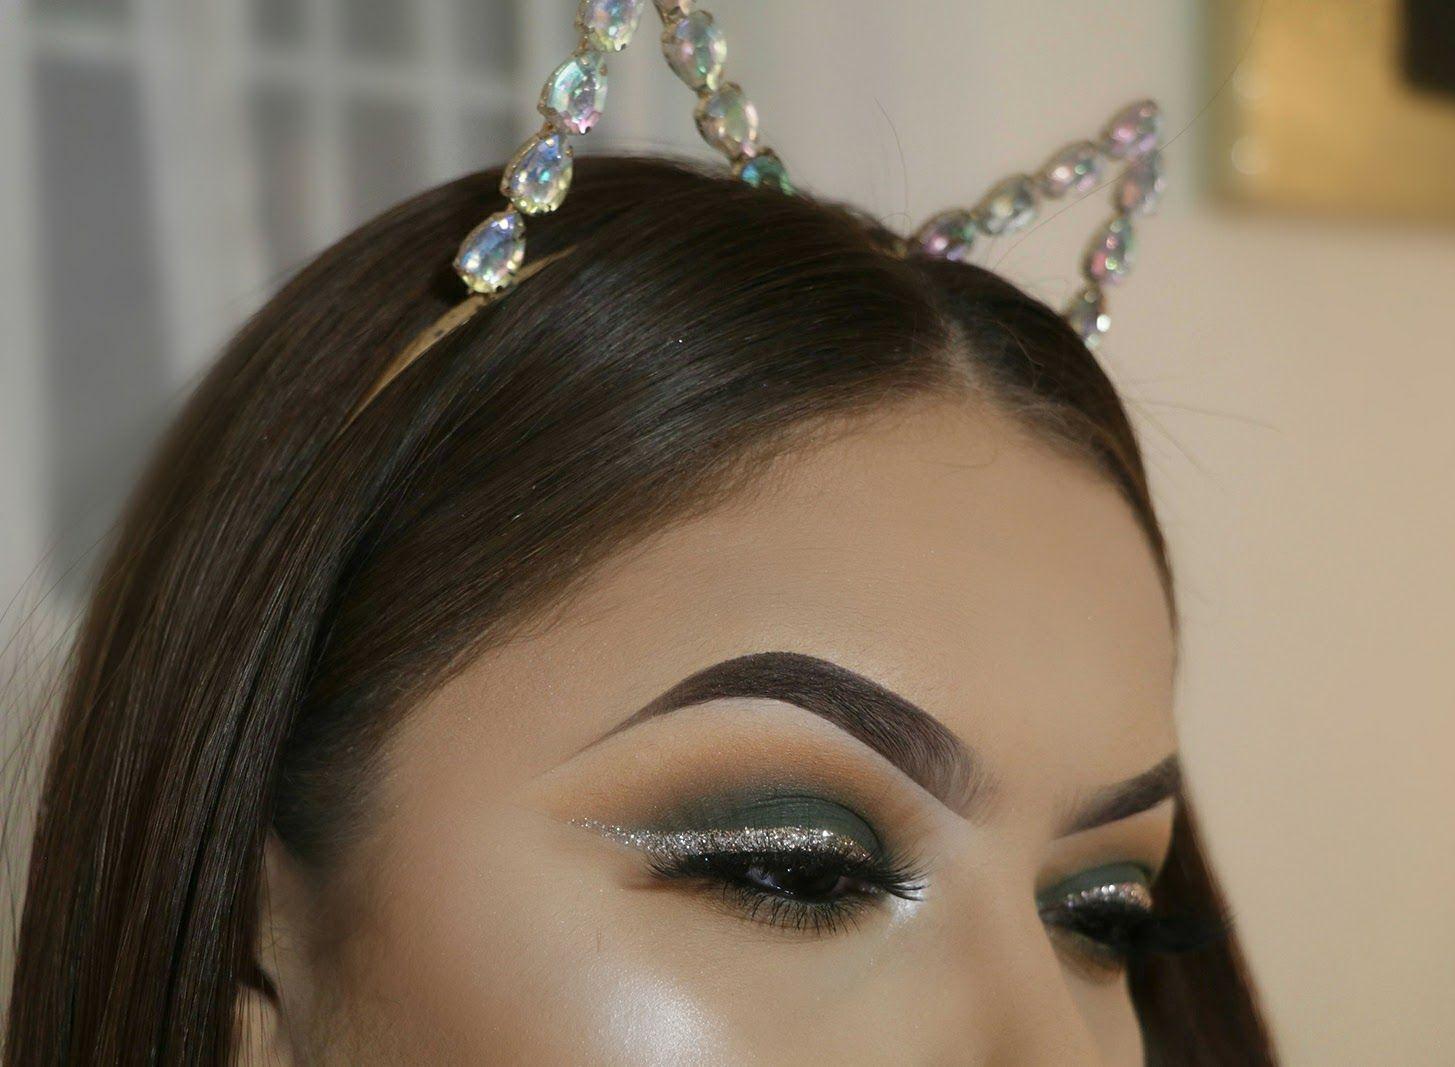 IG Natalyyveee Best makeup tips